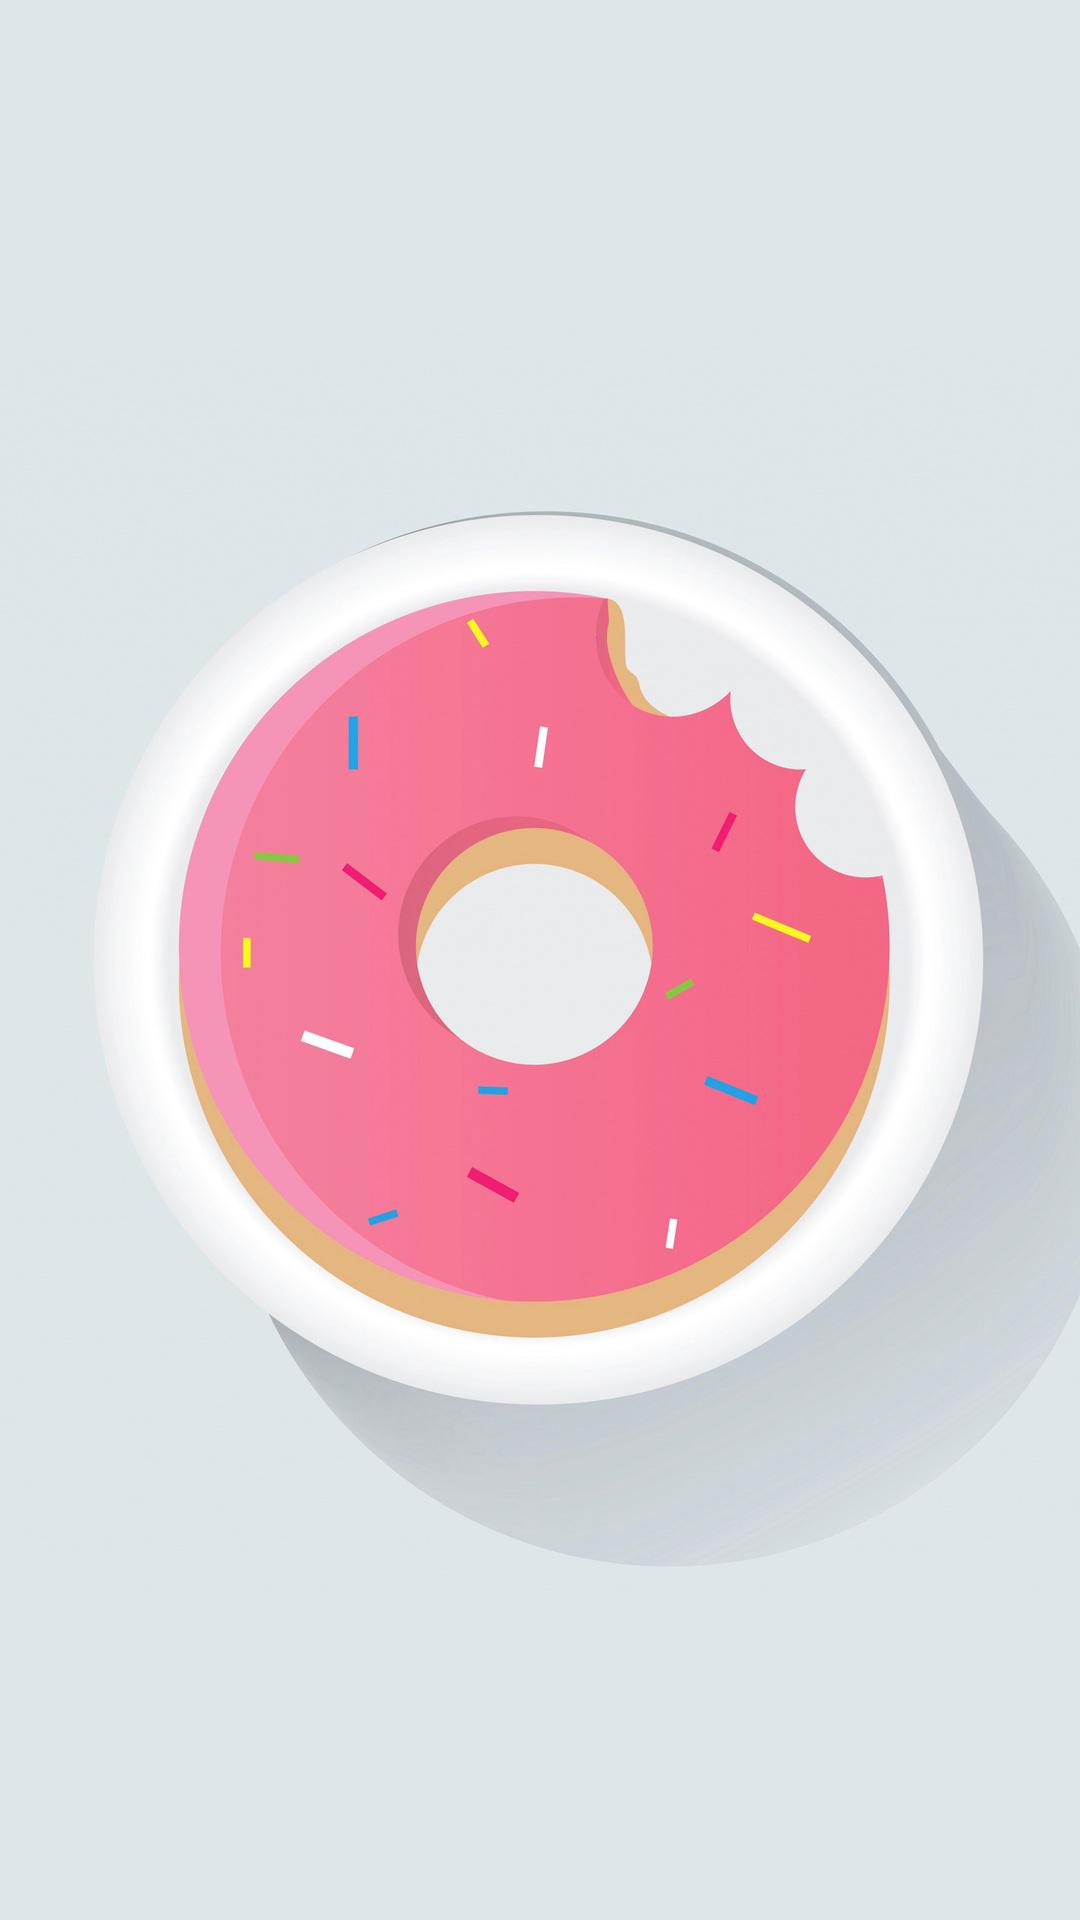 donuts-minimalism-4k-t8.jpg